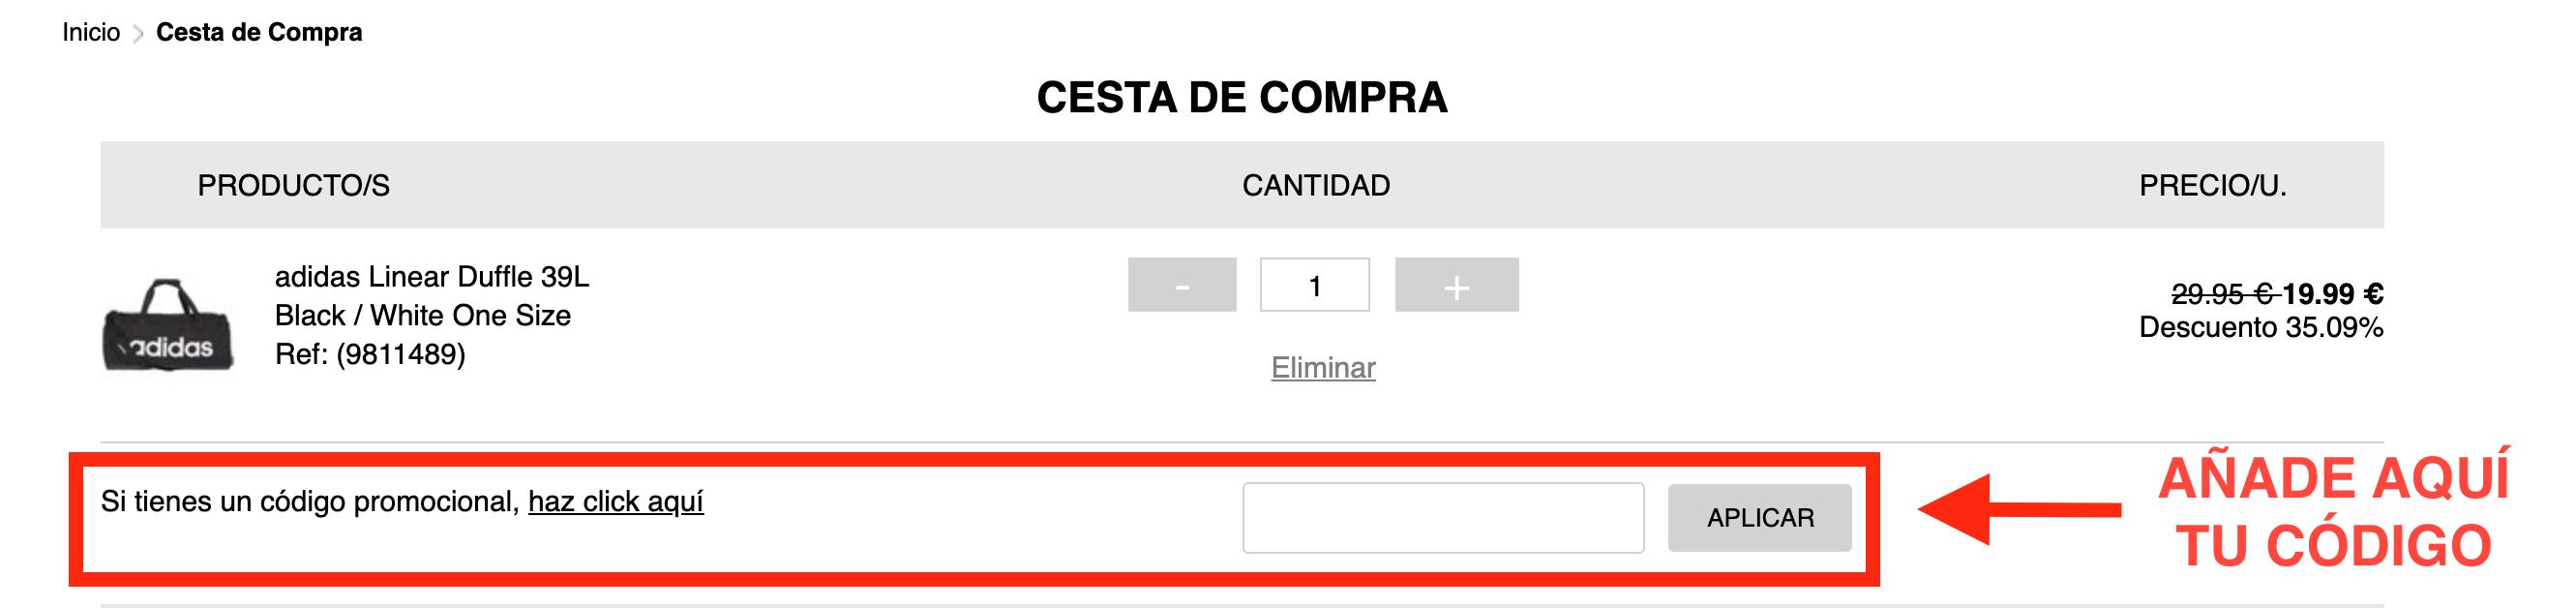 Altoparlante Unir romántico  financiero erupción Bloquear codigo promocional adidas julio 2018 - acopo.es